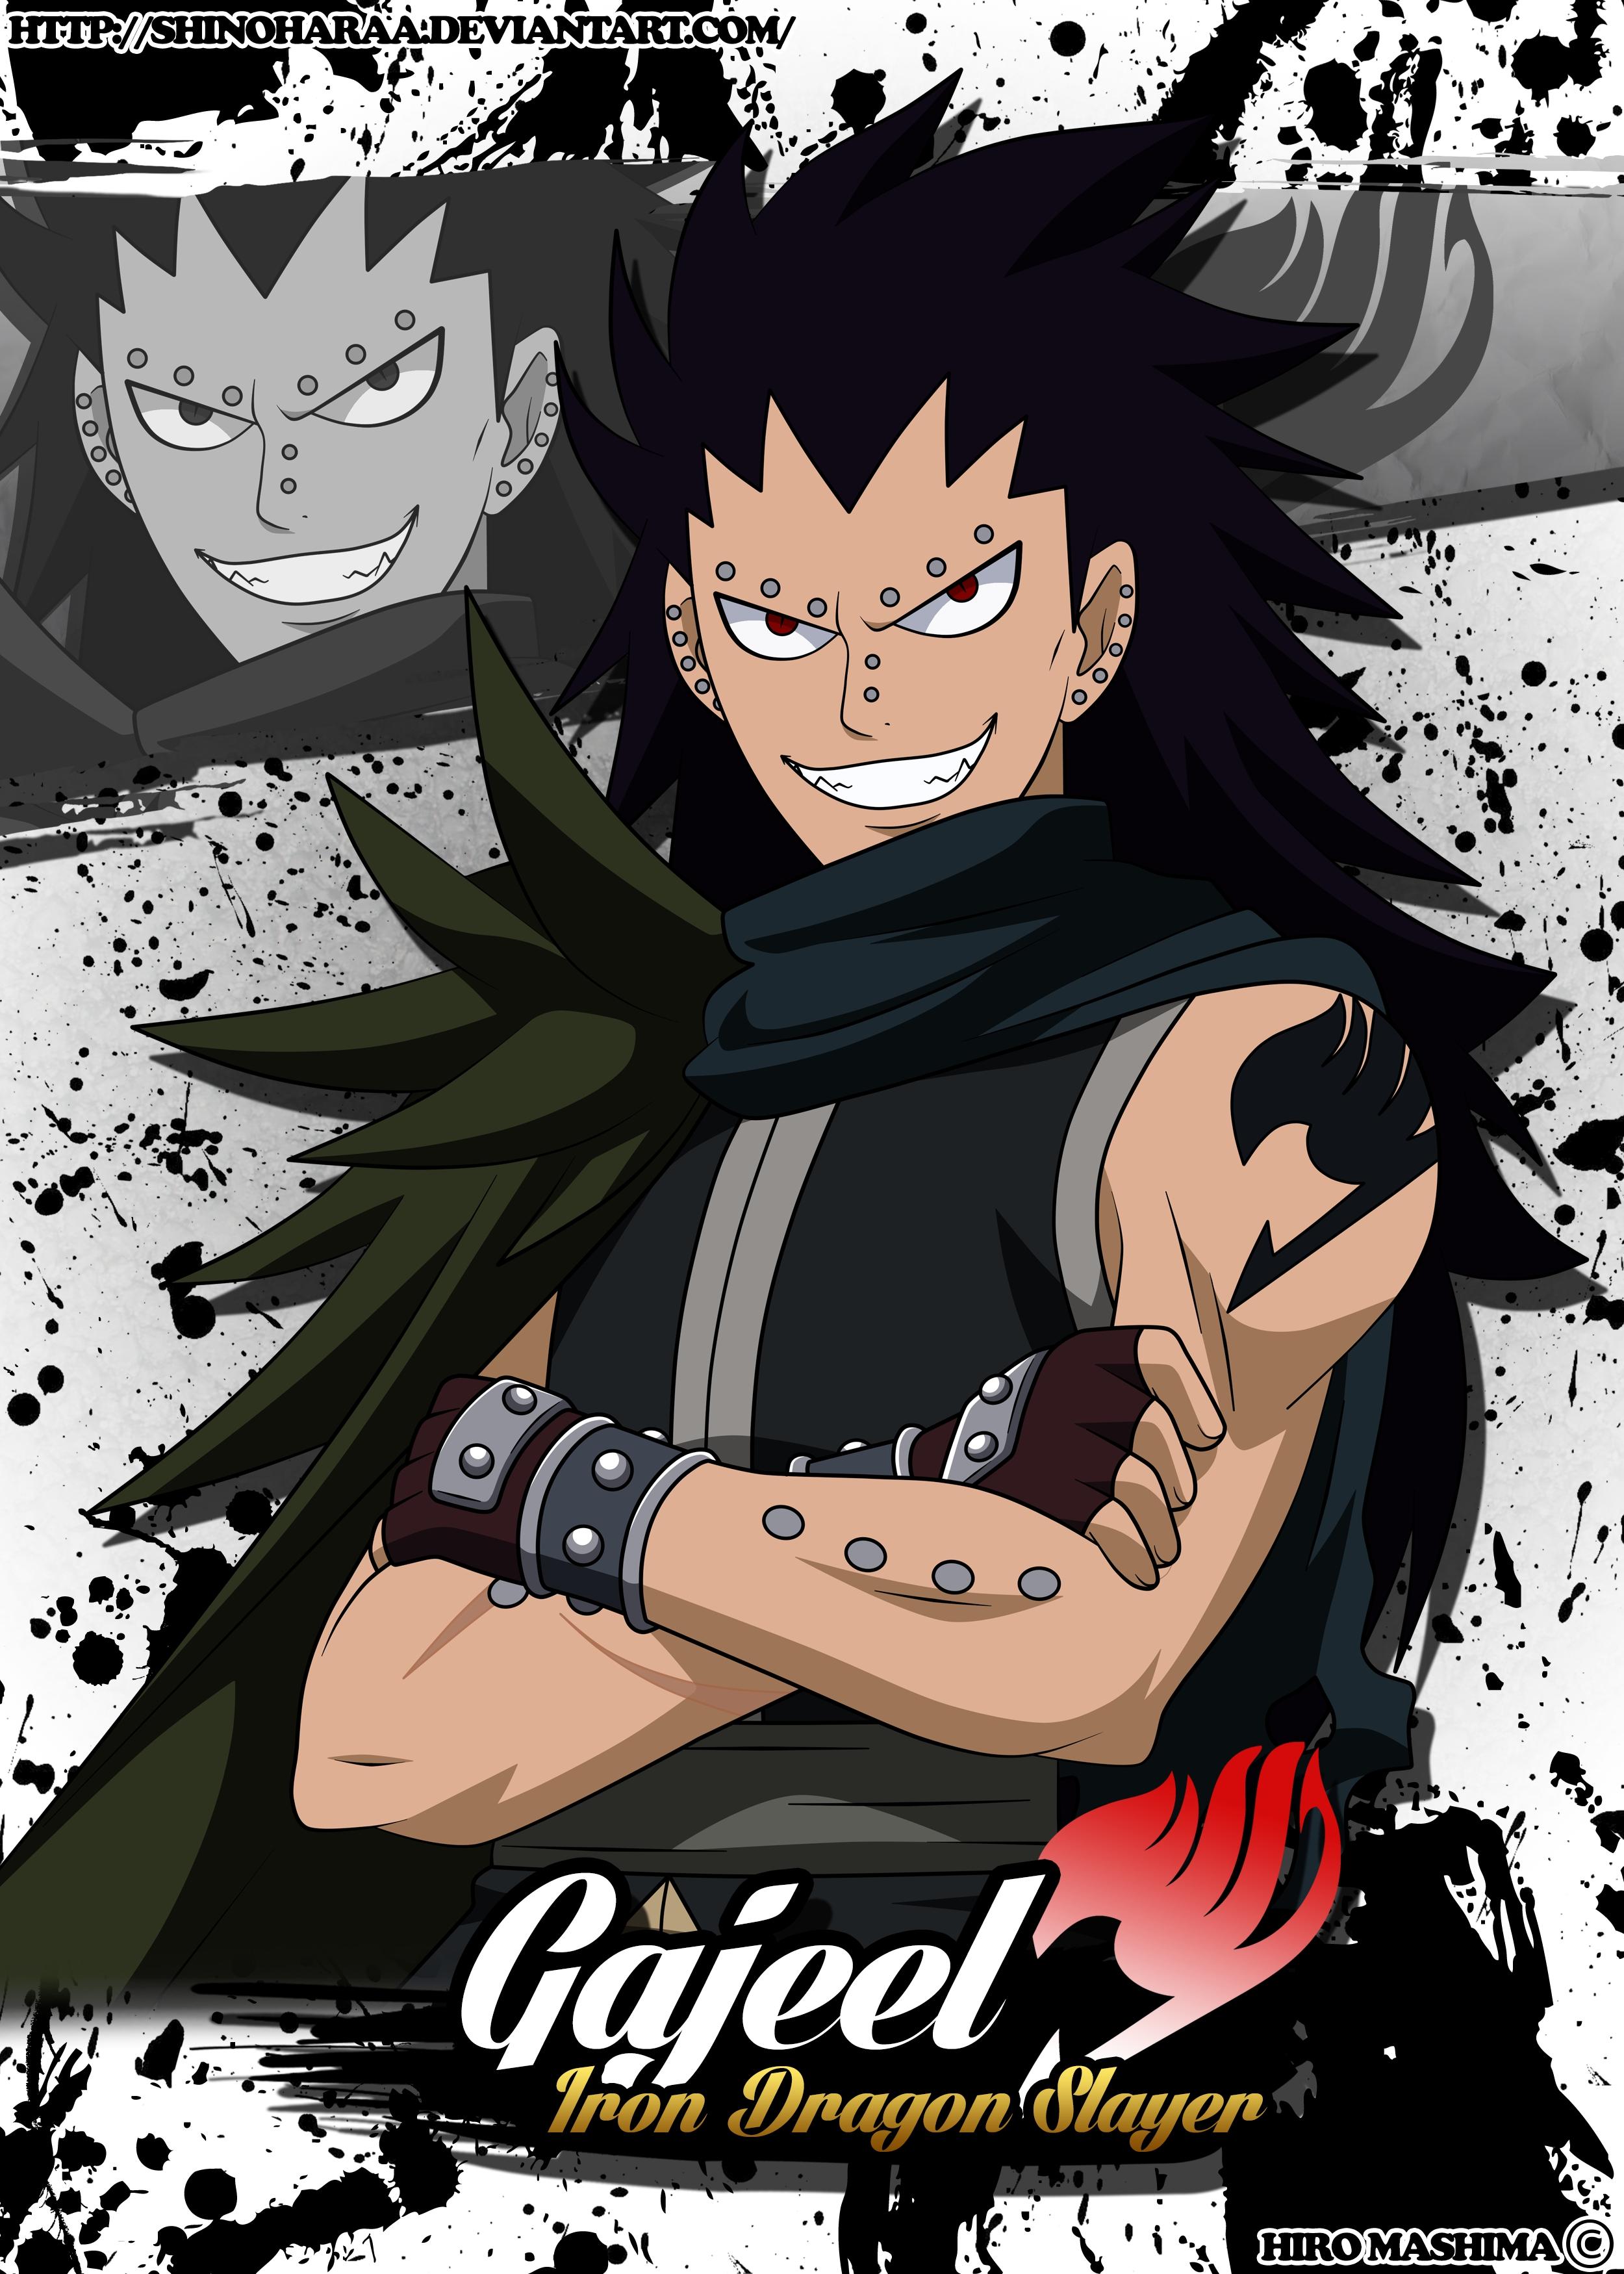 Shinoharaa - Zerochan Anime Image Board